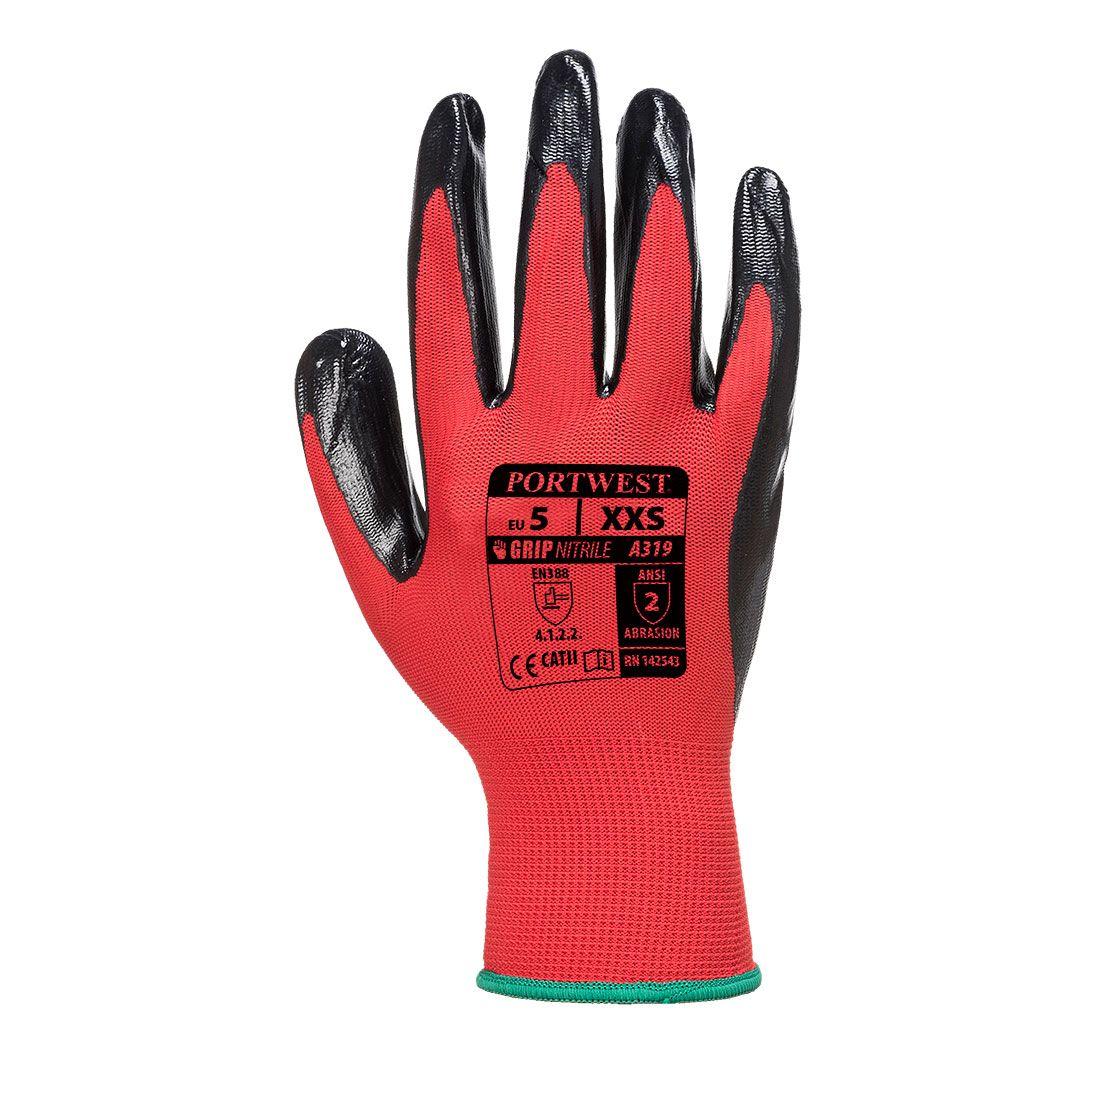 Portwest Handschoenen A319 rood-zwart(R8)